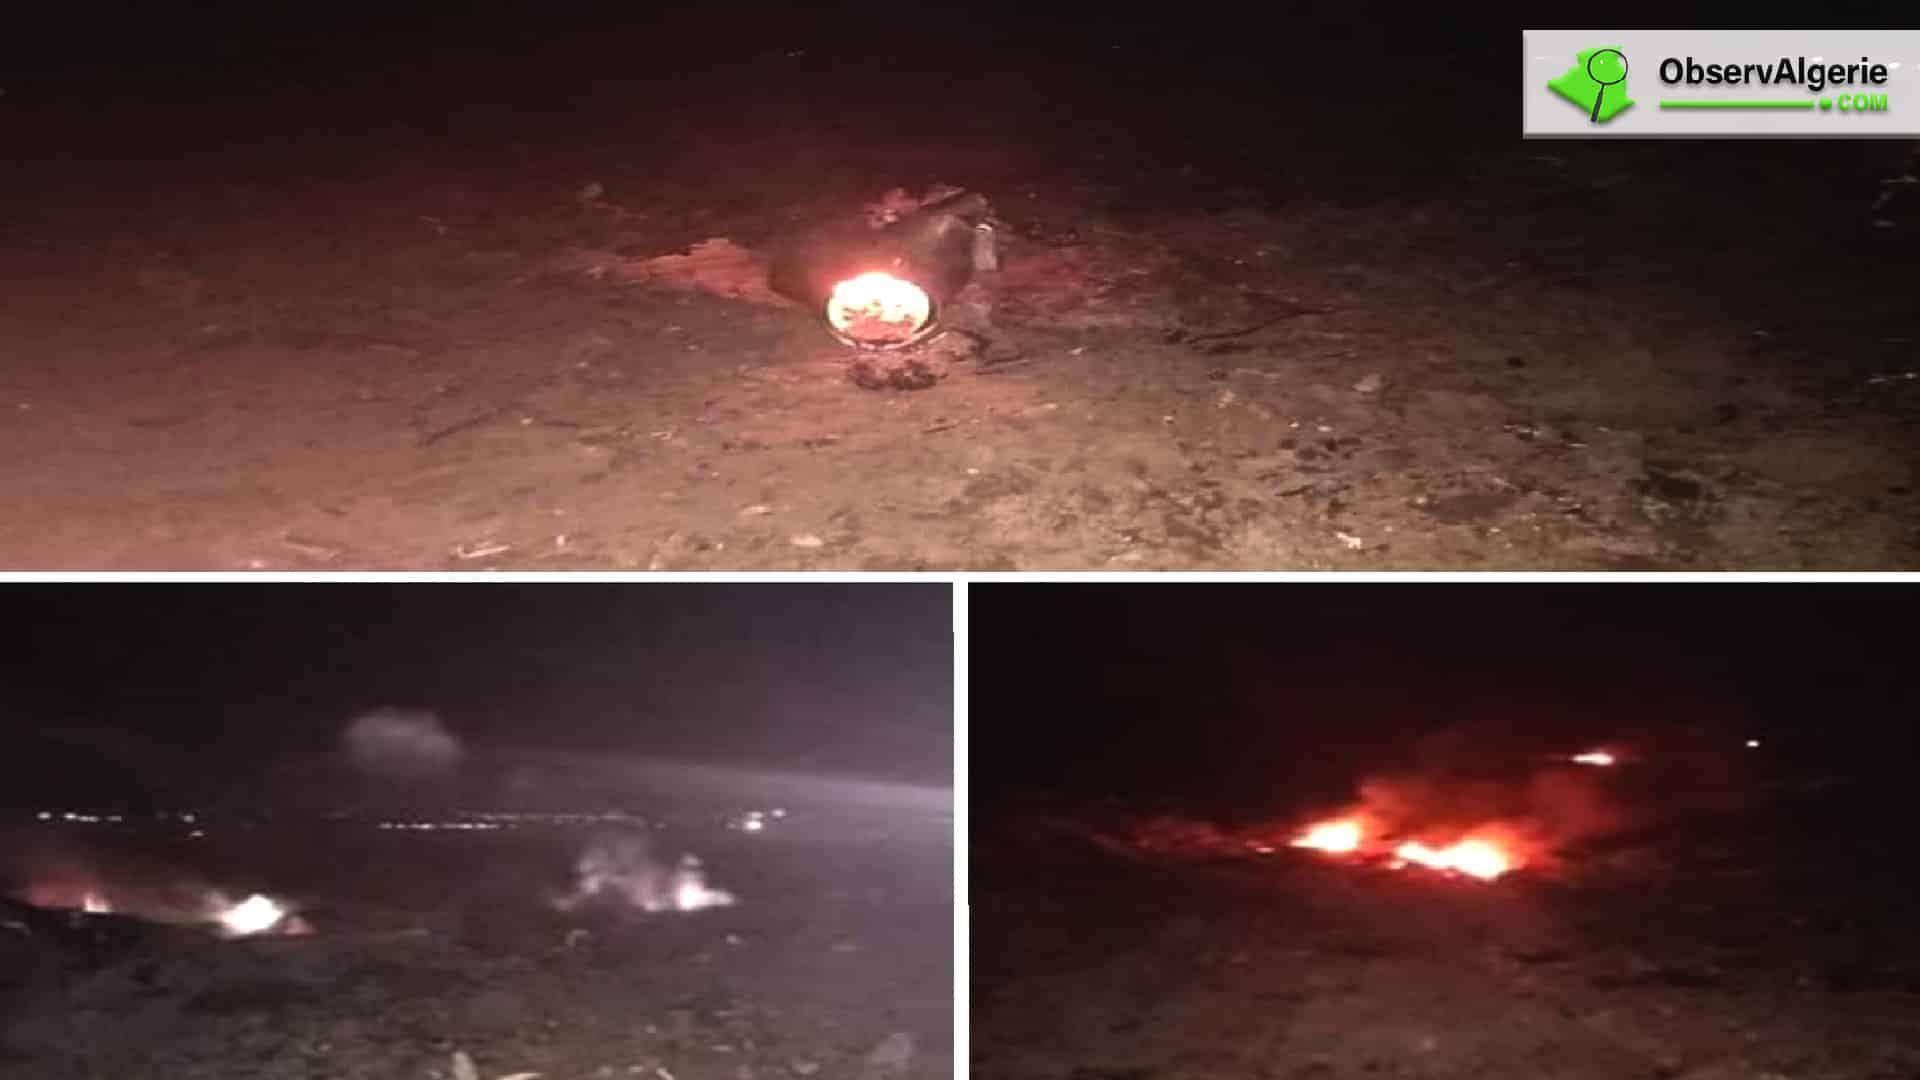 Algérie : Le crash d'un avion de chasse fait deux morts